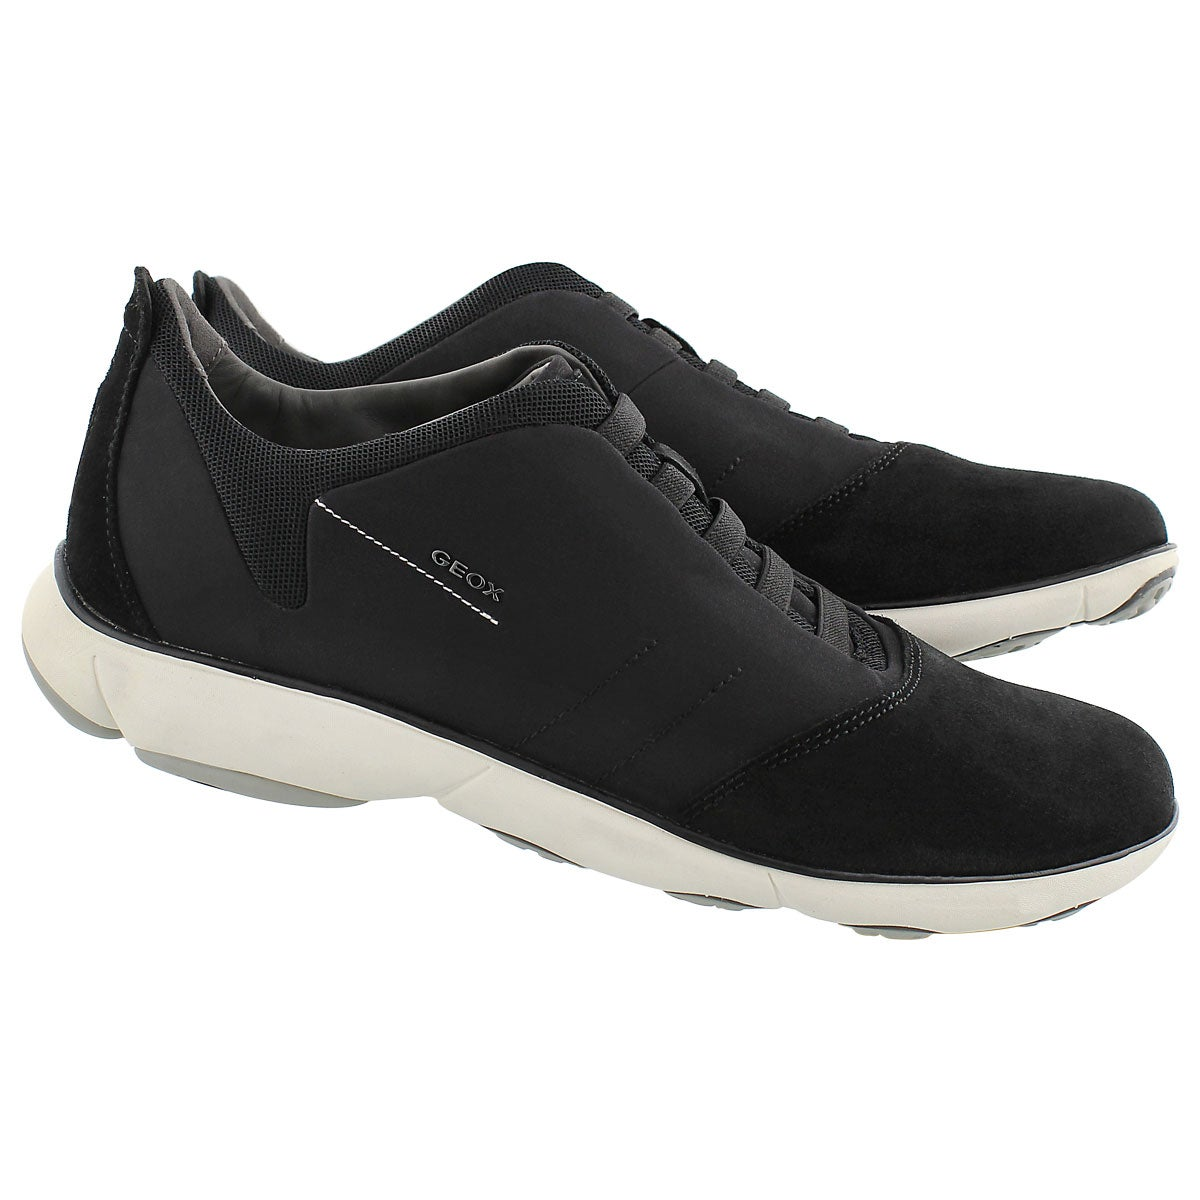 Chaussure de course Nebula, noir, hommes